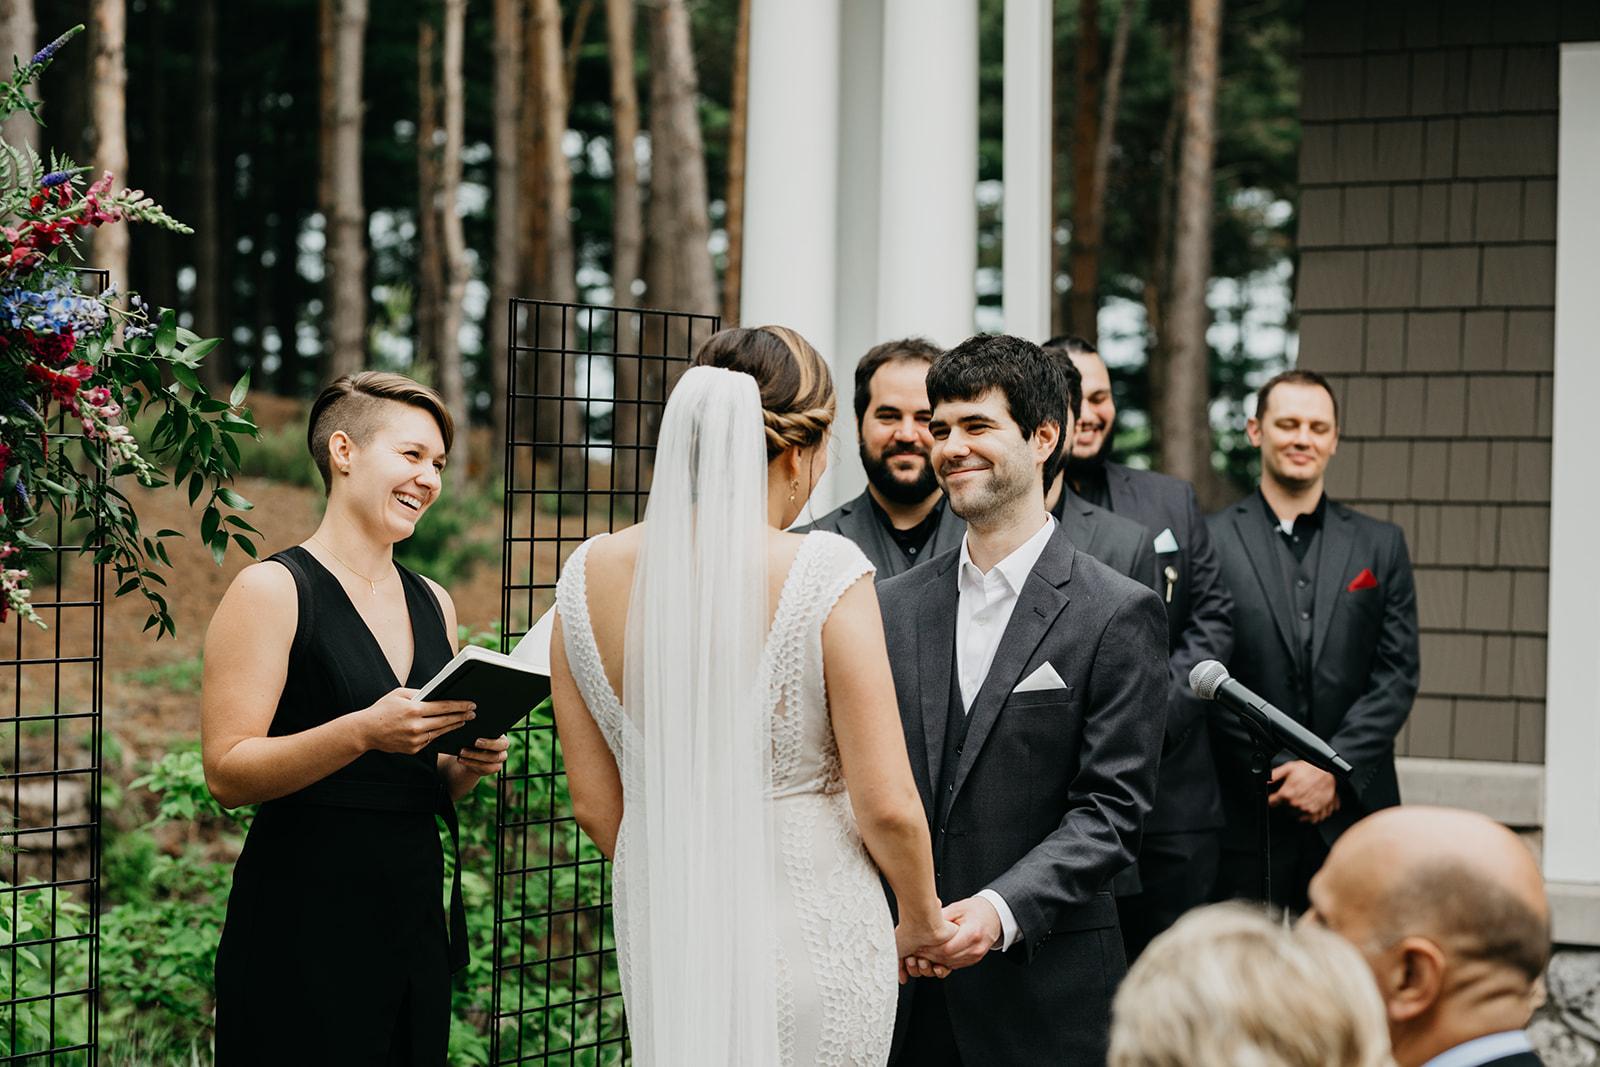 2019-06-01-00-Lindsey+Mat-06_Ceremony-meandhimphoto-0054-K5D33226.jpg